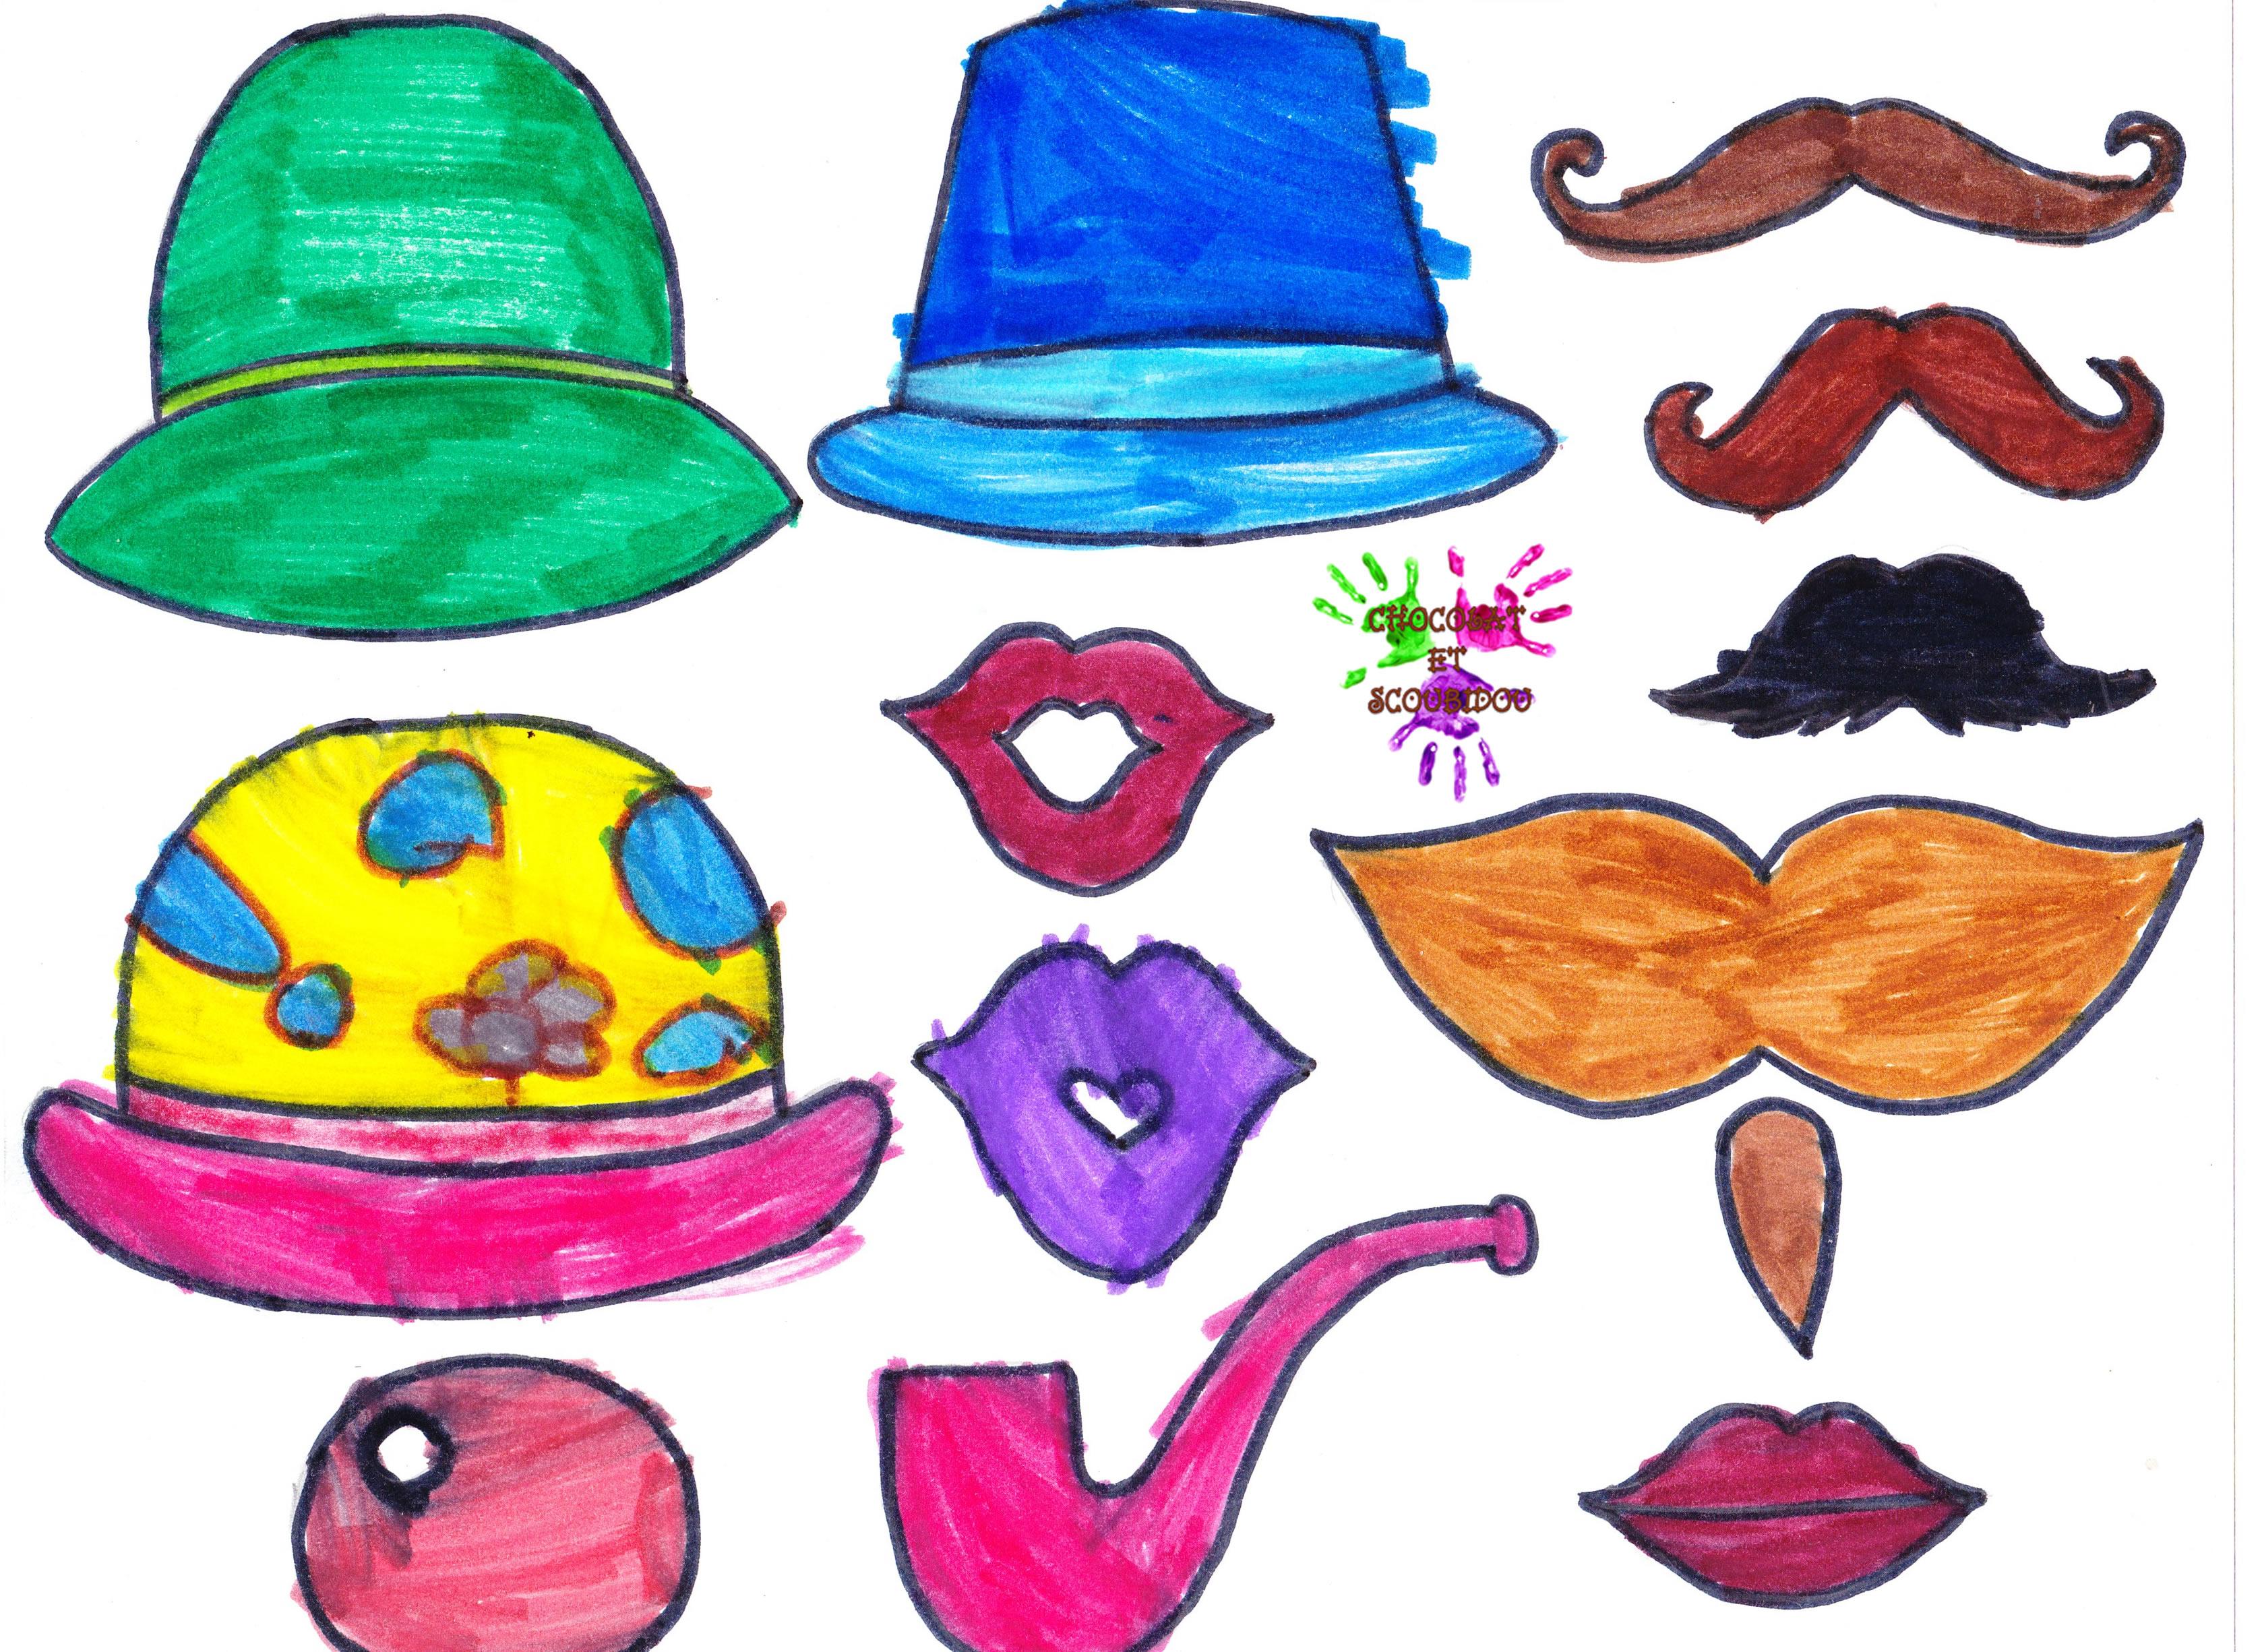 jeu de deguisement chapeaux bouches et moustaches en couleurs